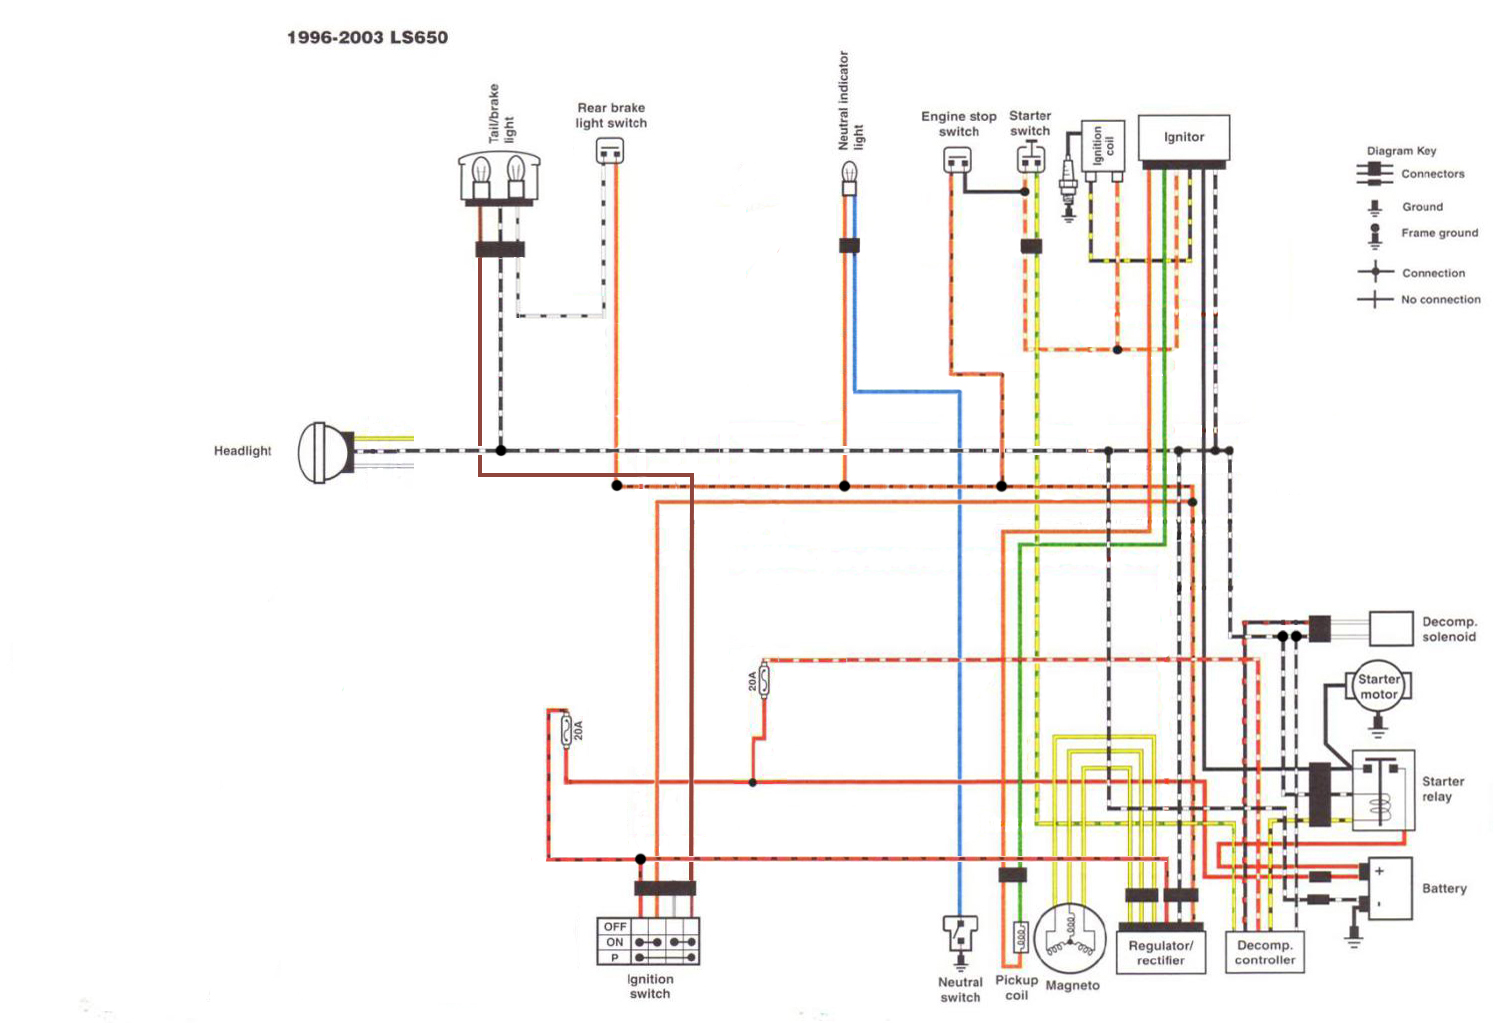 Super Suzuki Gs450 Bobber Wiring Diagram Suzuki Katana 600 Wiring Diagram Wiring 101 Capemaxxcnl